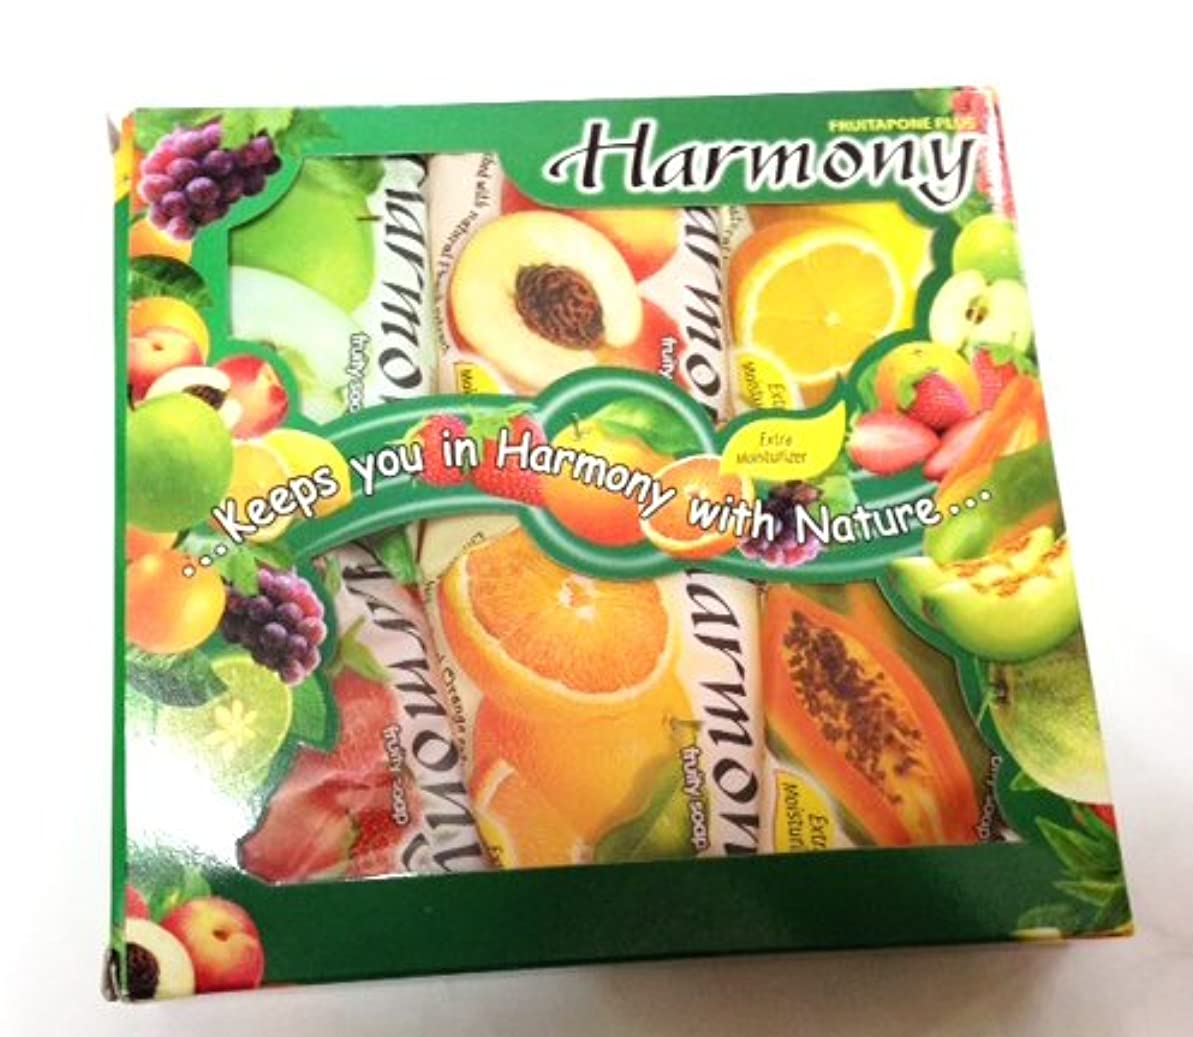 含むレベル国家ハーモニー フルーティーソープ 6個セット パパイヤ ピーチ オレンジ レモン アップル イチゴ